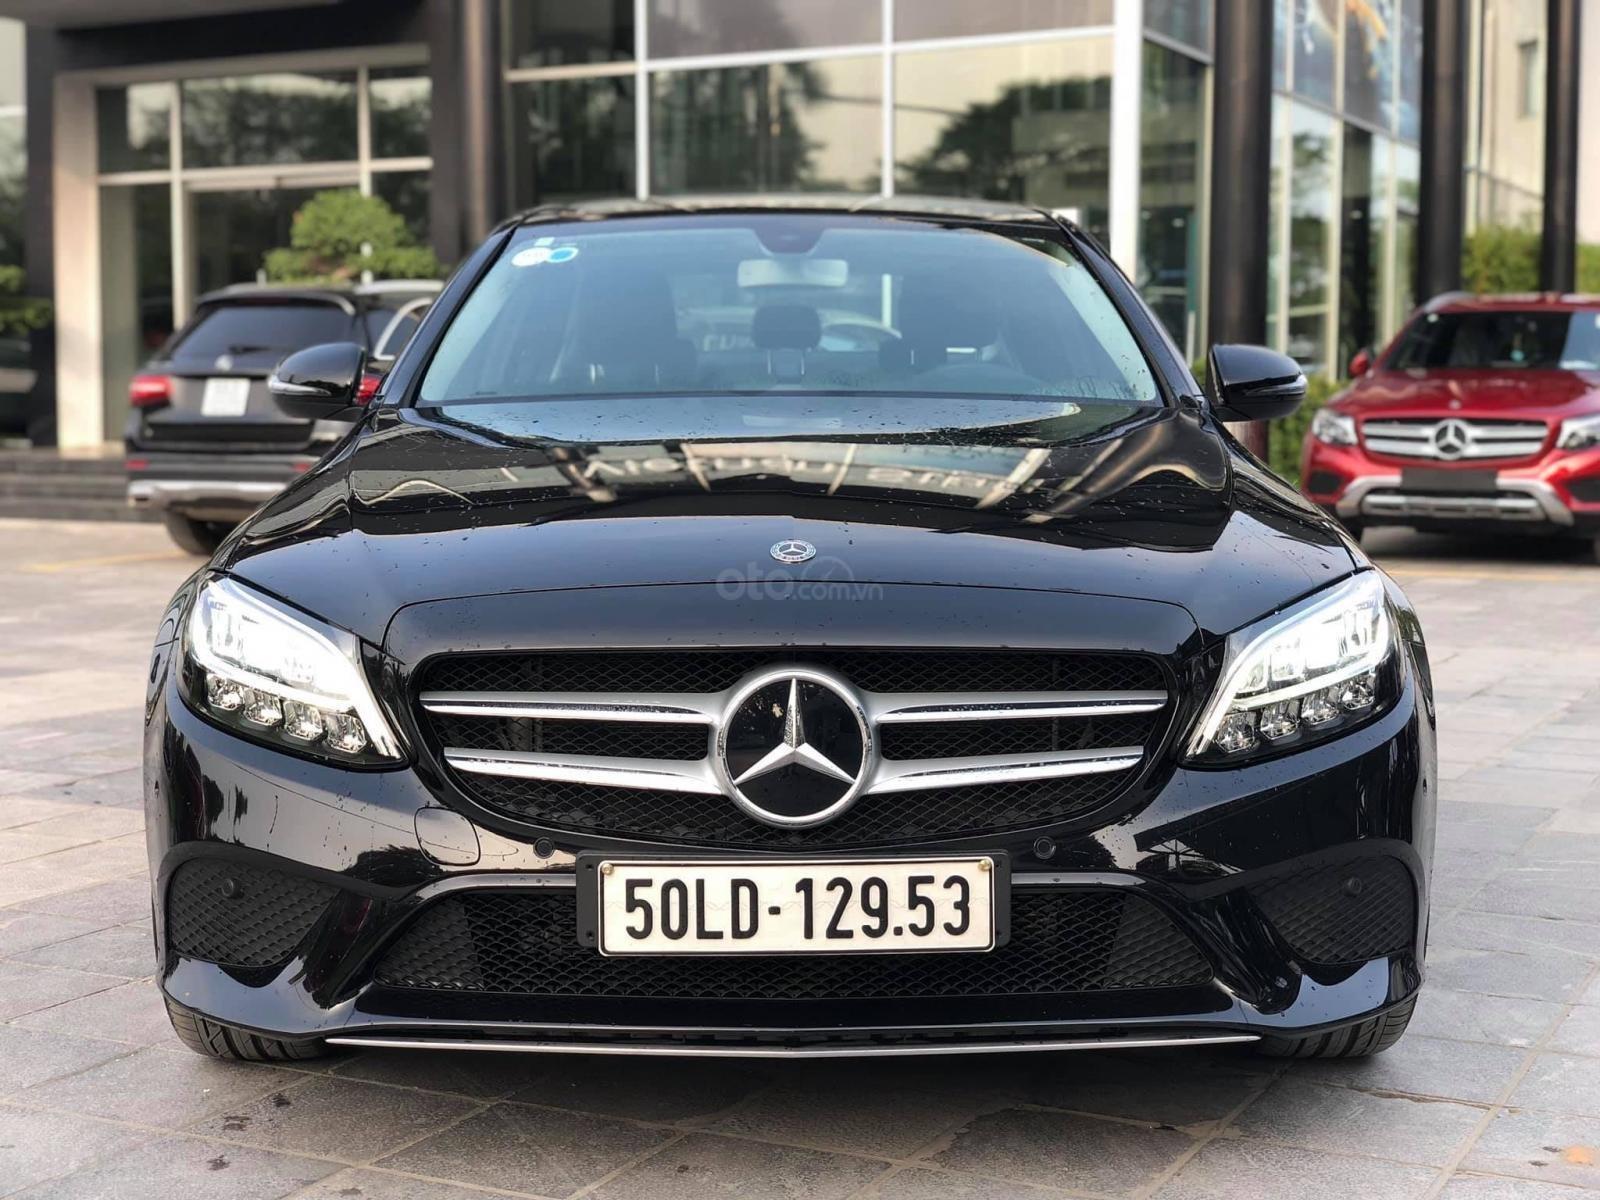 Cần bán gấp Mercedes-Benz C class đăng ký lần đầu 2019, màu đen, chính chủ, giá tốt 1 tỷ 400 triệu đồng (1)